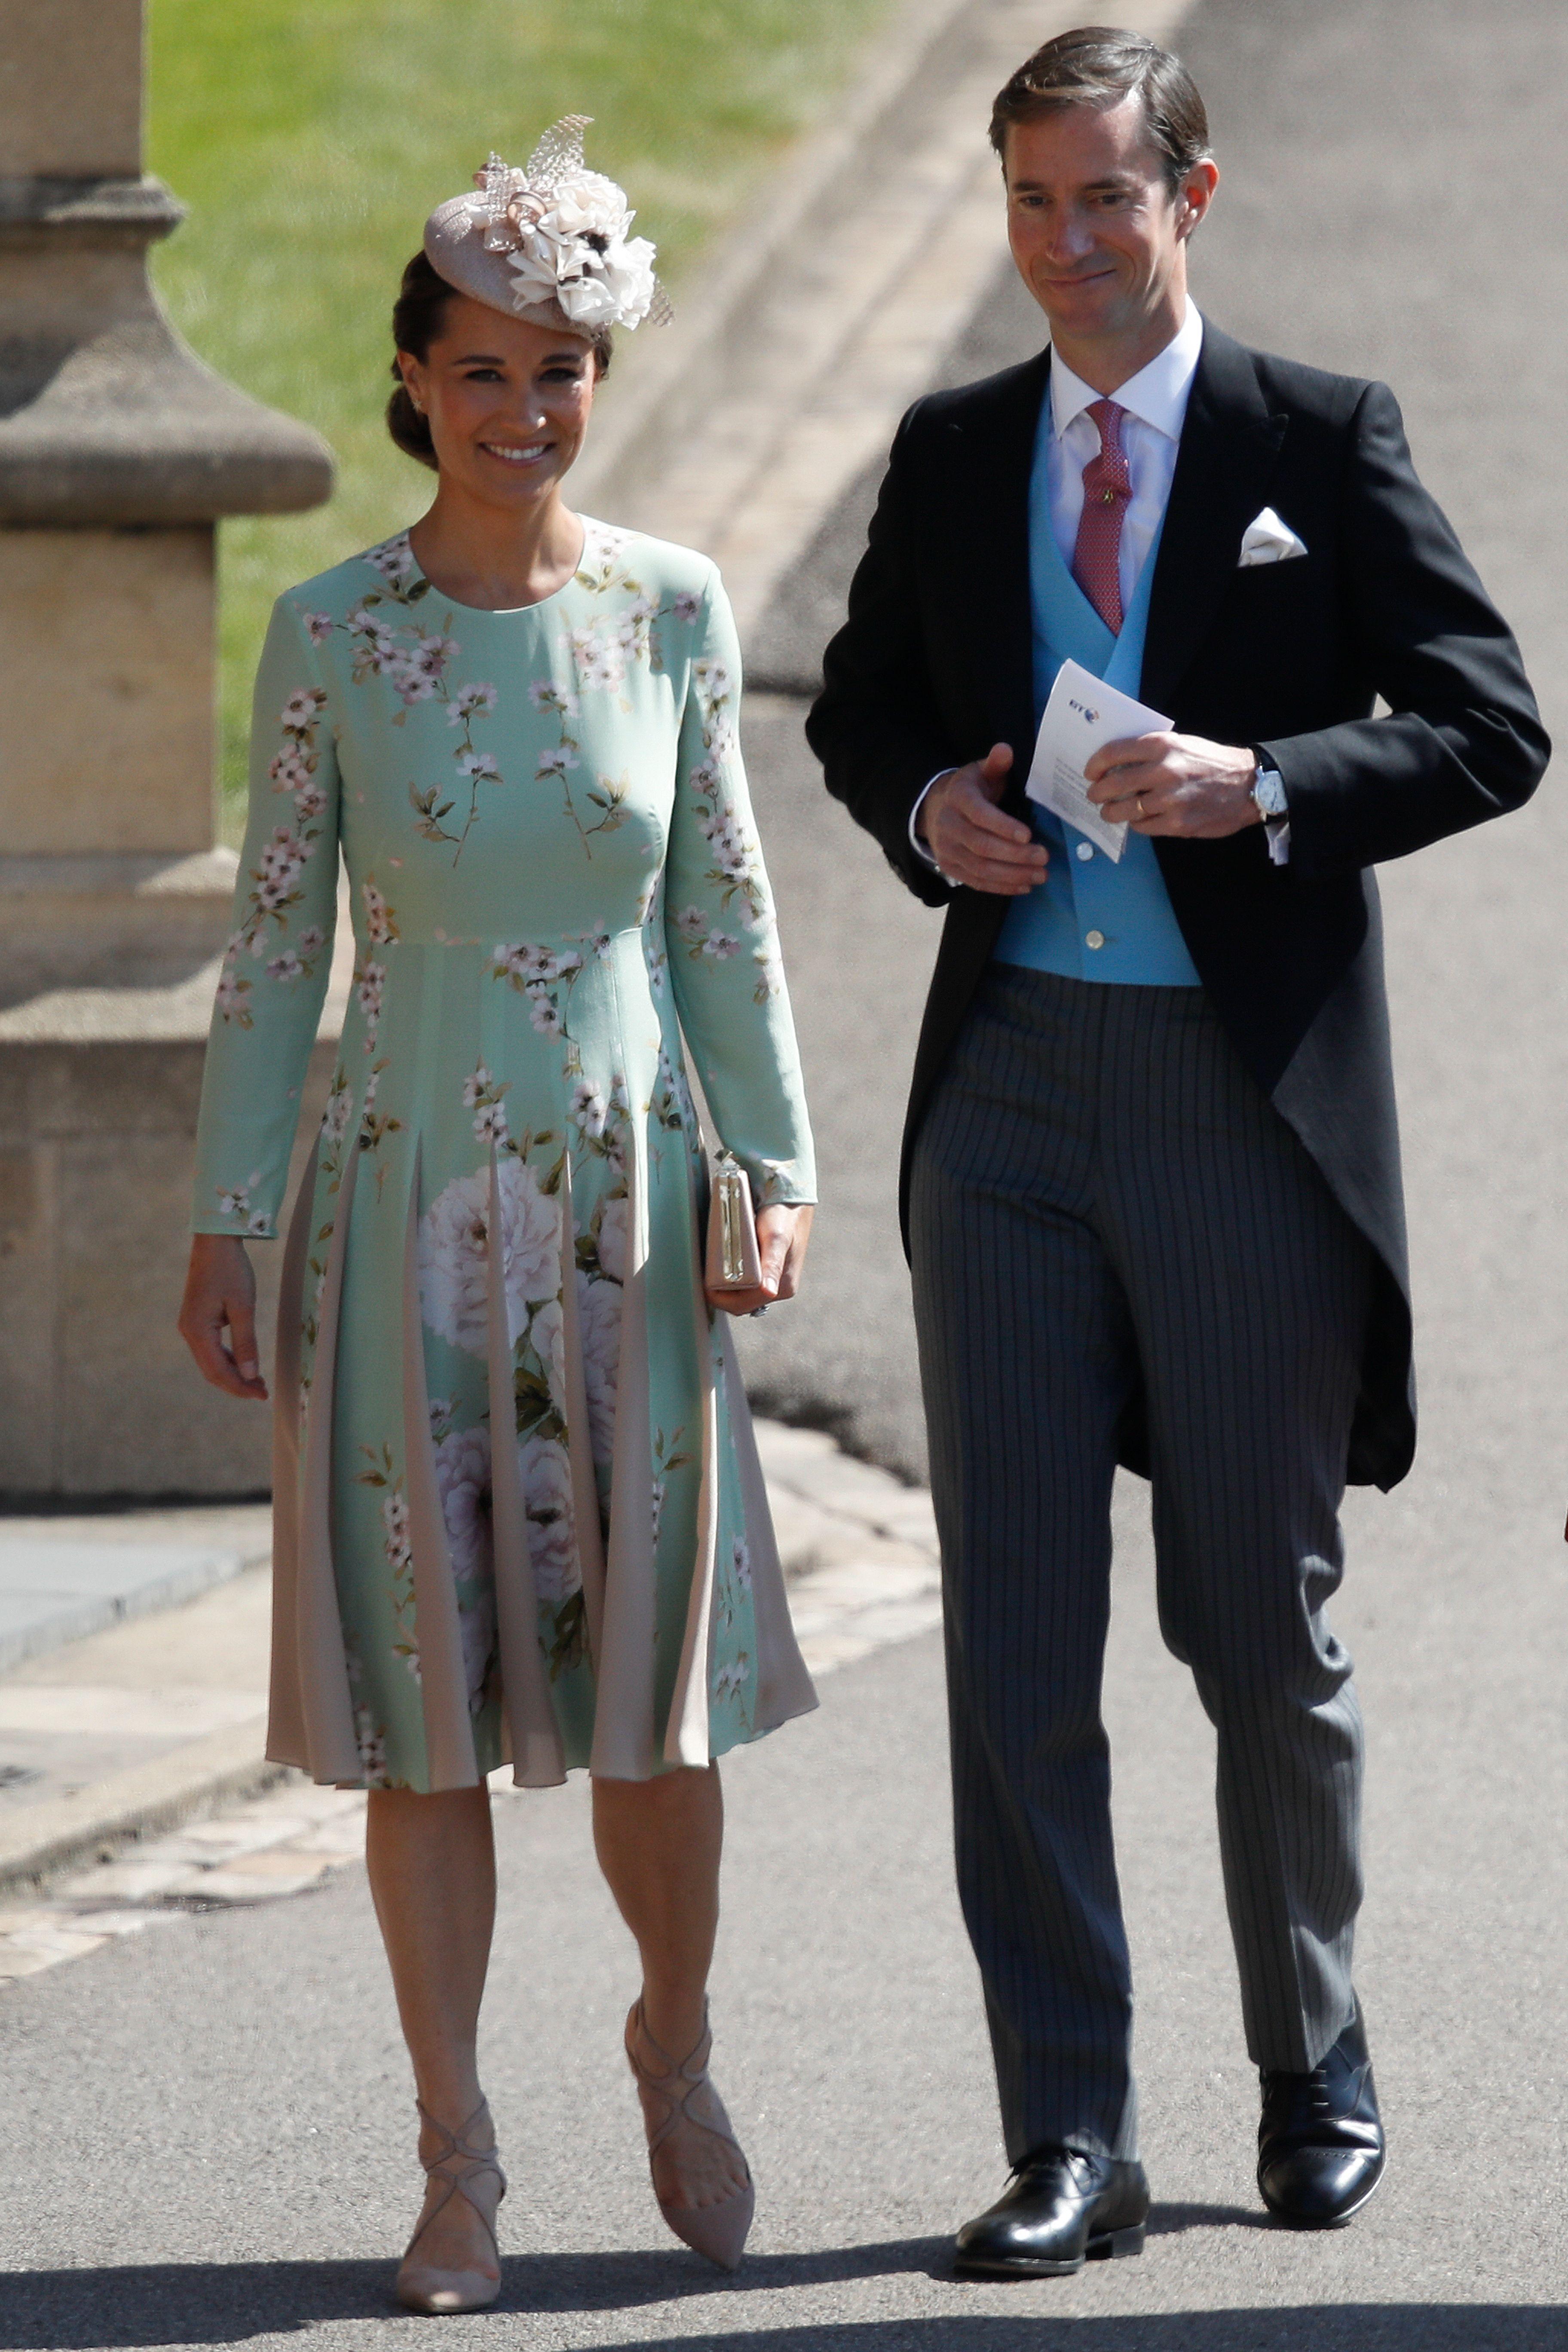 Pippa Middleton and James Matthews at Royal Wedding 2018